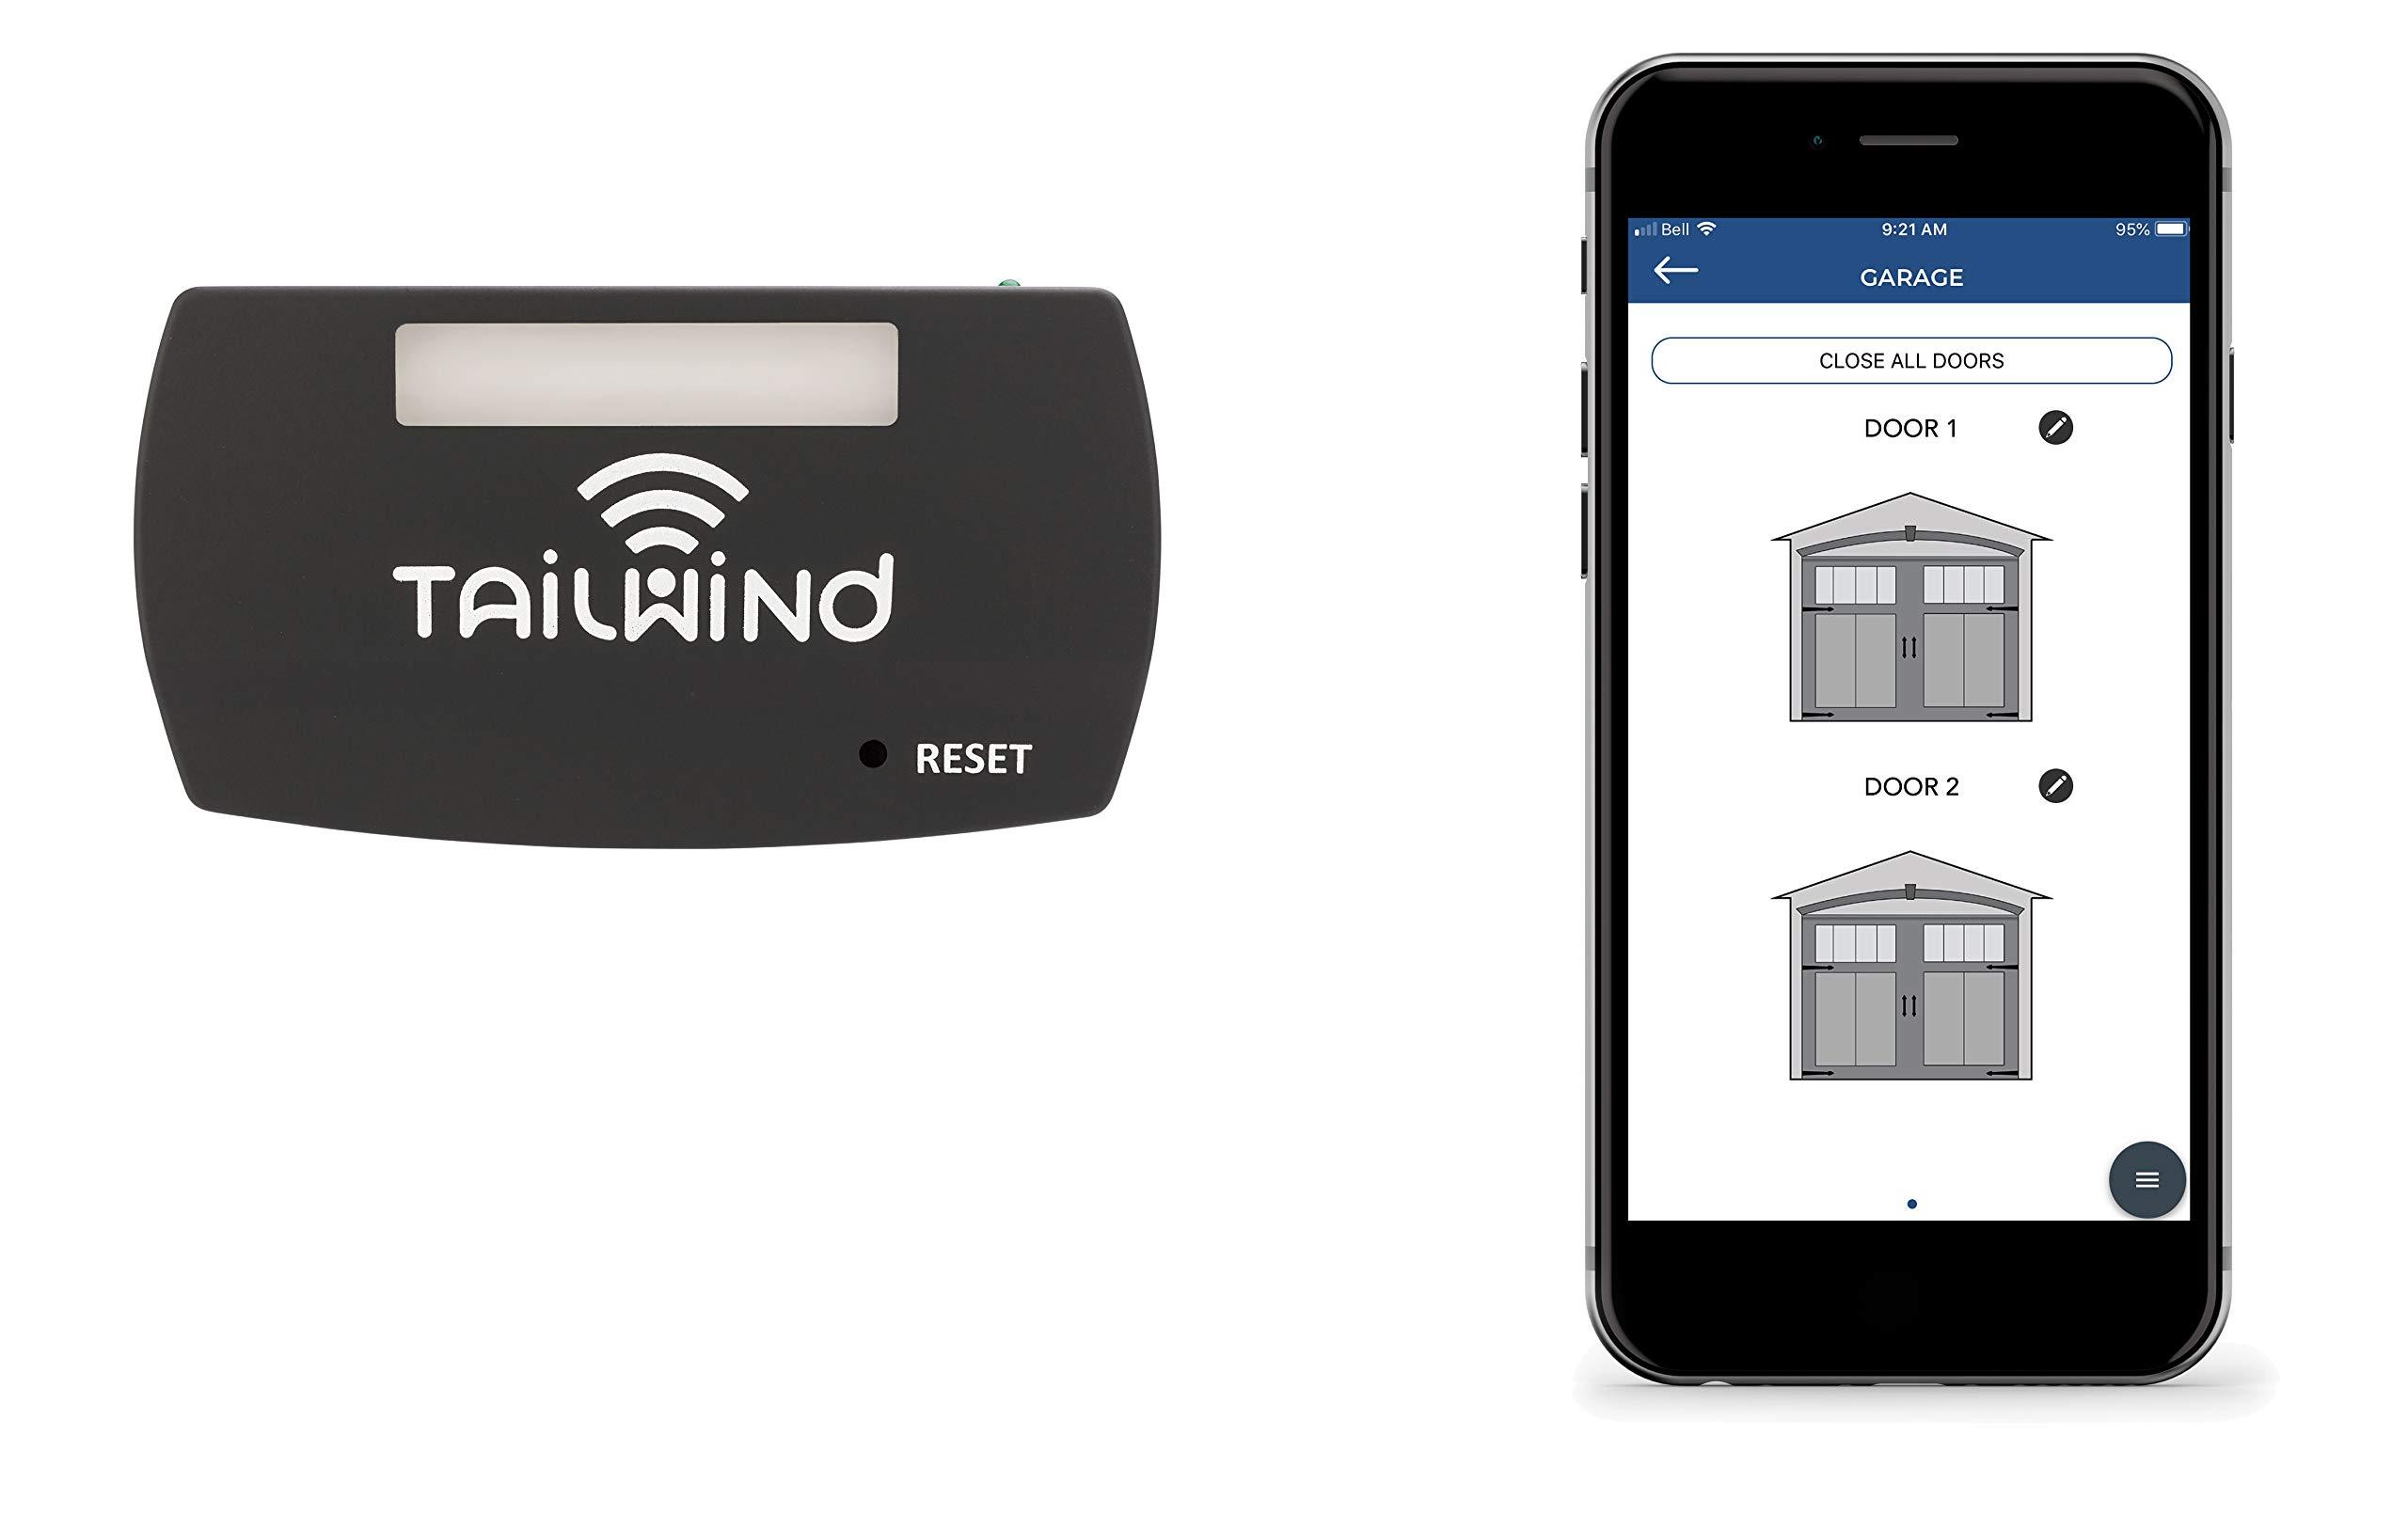 Tailwind iQ3 Smart WiFi Garage Door Opener - Internet Enabled Garage Door Remote Control Compatible With Your Smartphone, Alexa, and Google Home Assistant. No Hub Needed. Up to 3 Doors.